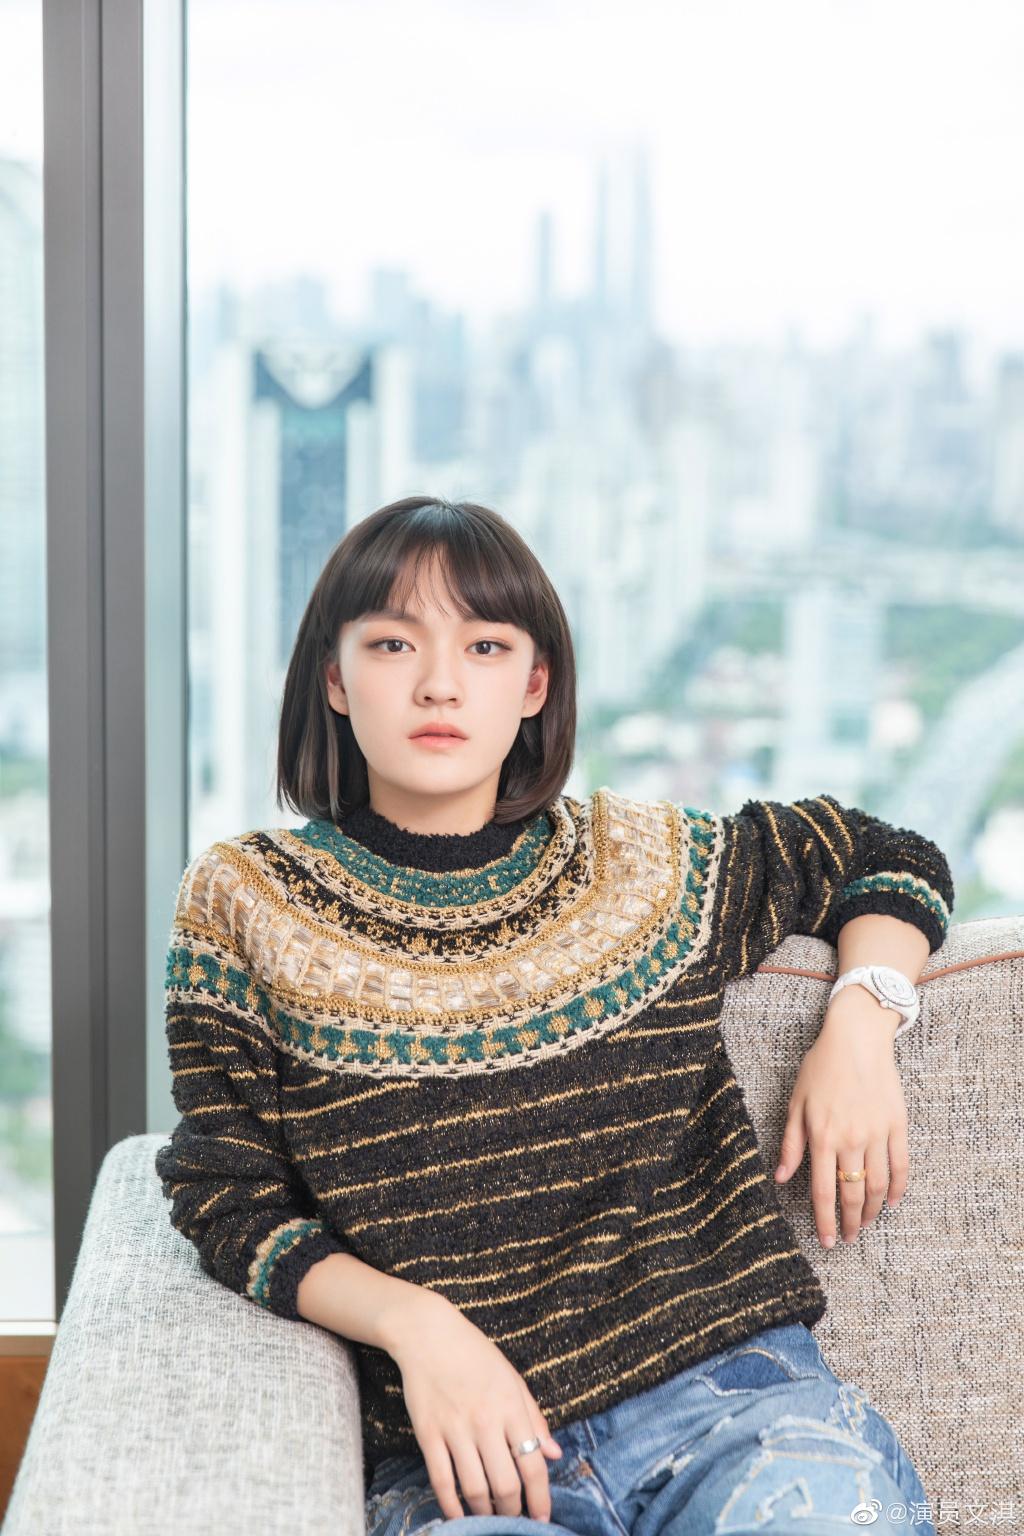 Mỹ nhân nào sẽ là nữ hoàng mới showbiz Trung Quốc? - Ảnh 5